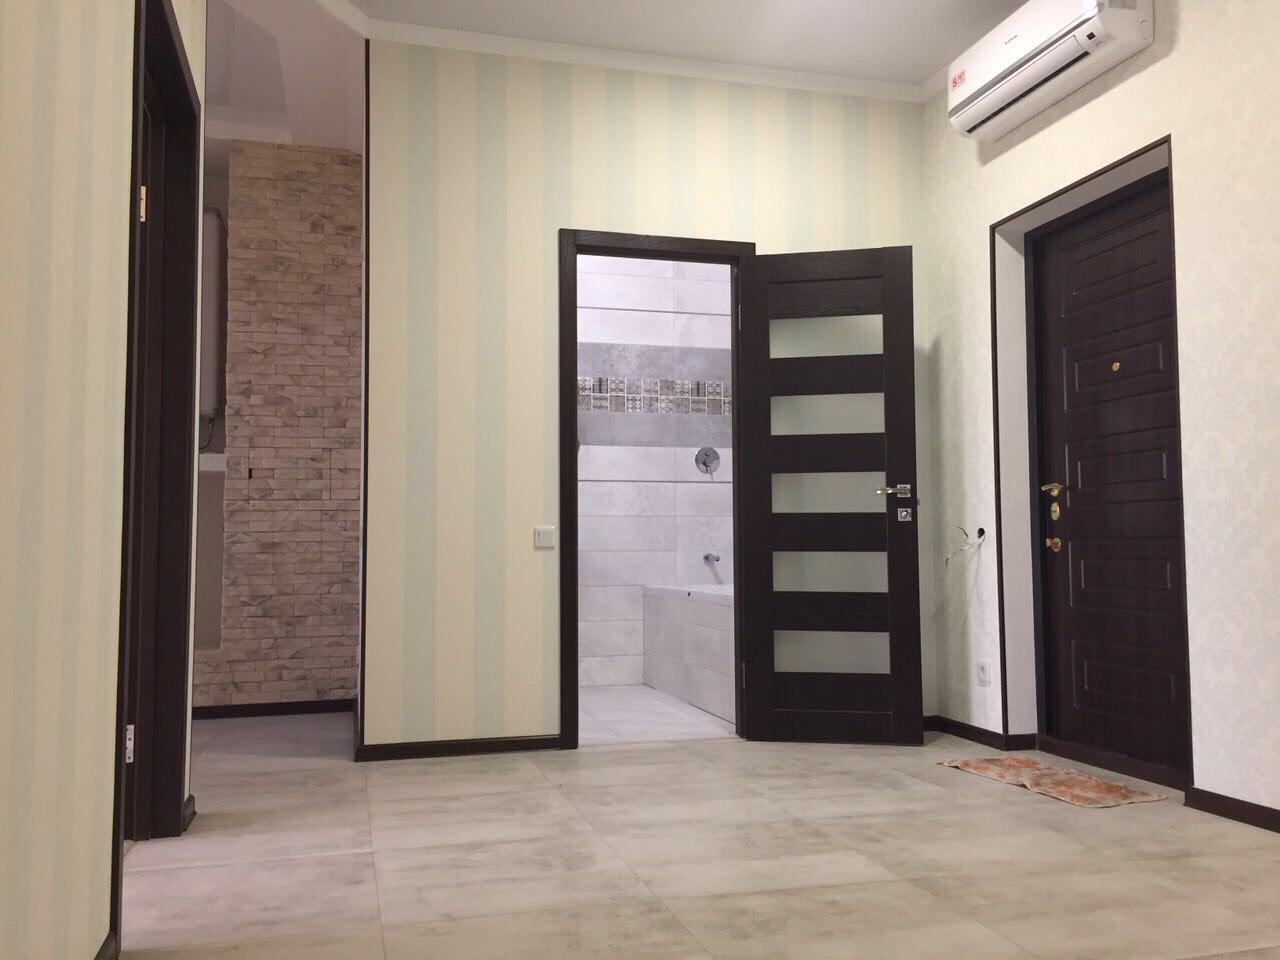 Продается 2-комнатная квартира на ул. Жемчужная — 69 000 у.е. (фото №7)